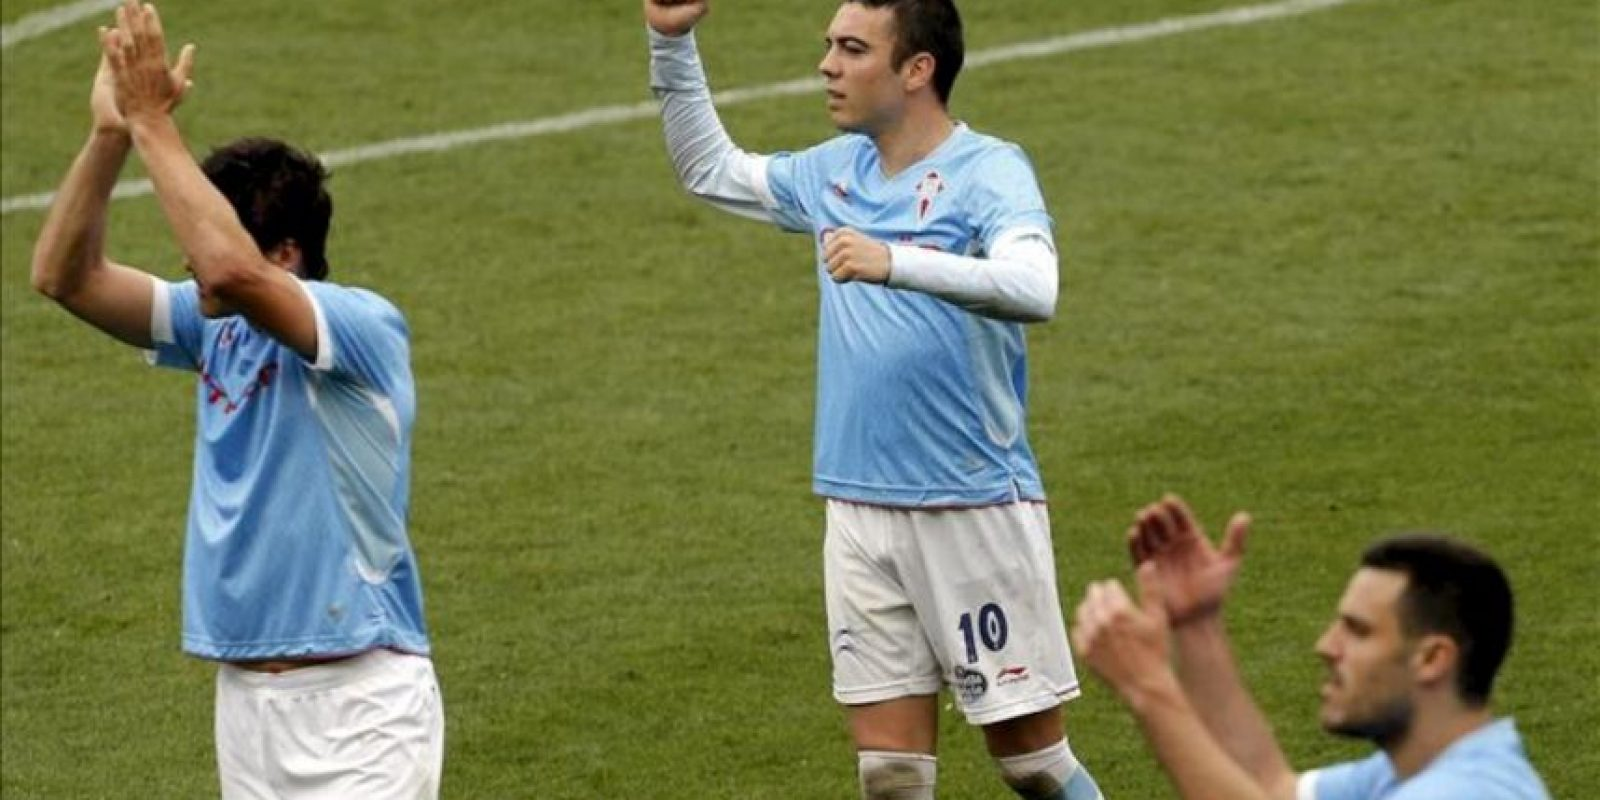 Los delanteros del Celta de Vigo Mario Bermejo (i) y Iago Aspass (c) celebran su victoria frente al Levante, al que han vencido por un gol a cero, al finalizar el partido correspondiente a la trigésima tercera jornada de liga en Primera División que se ha disputado en el estadio Ciutat de Valencia. EFE